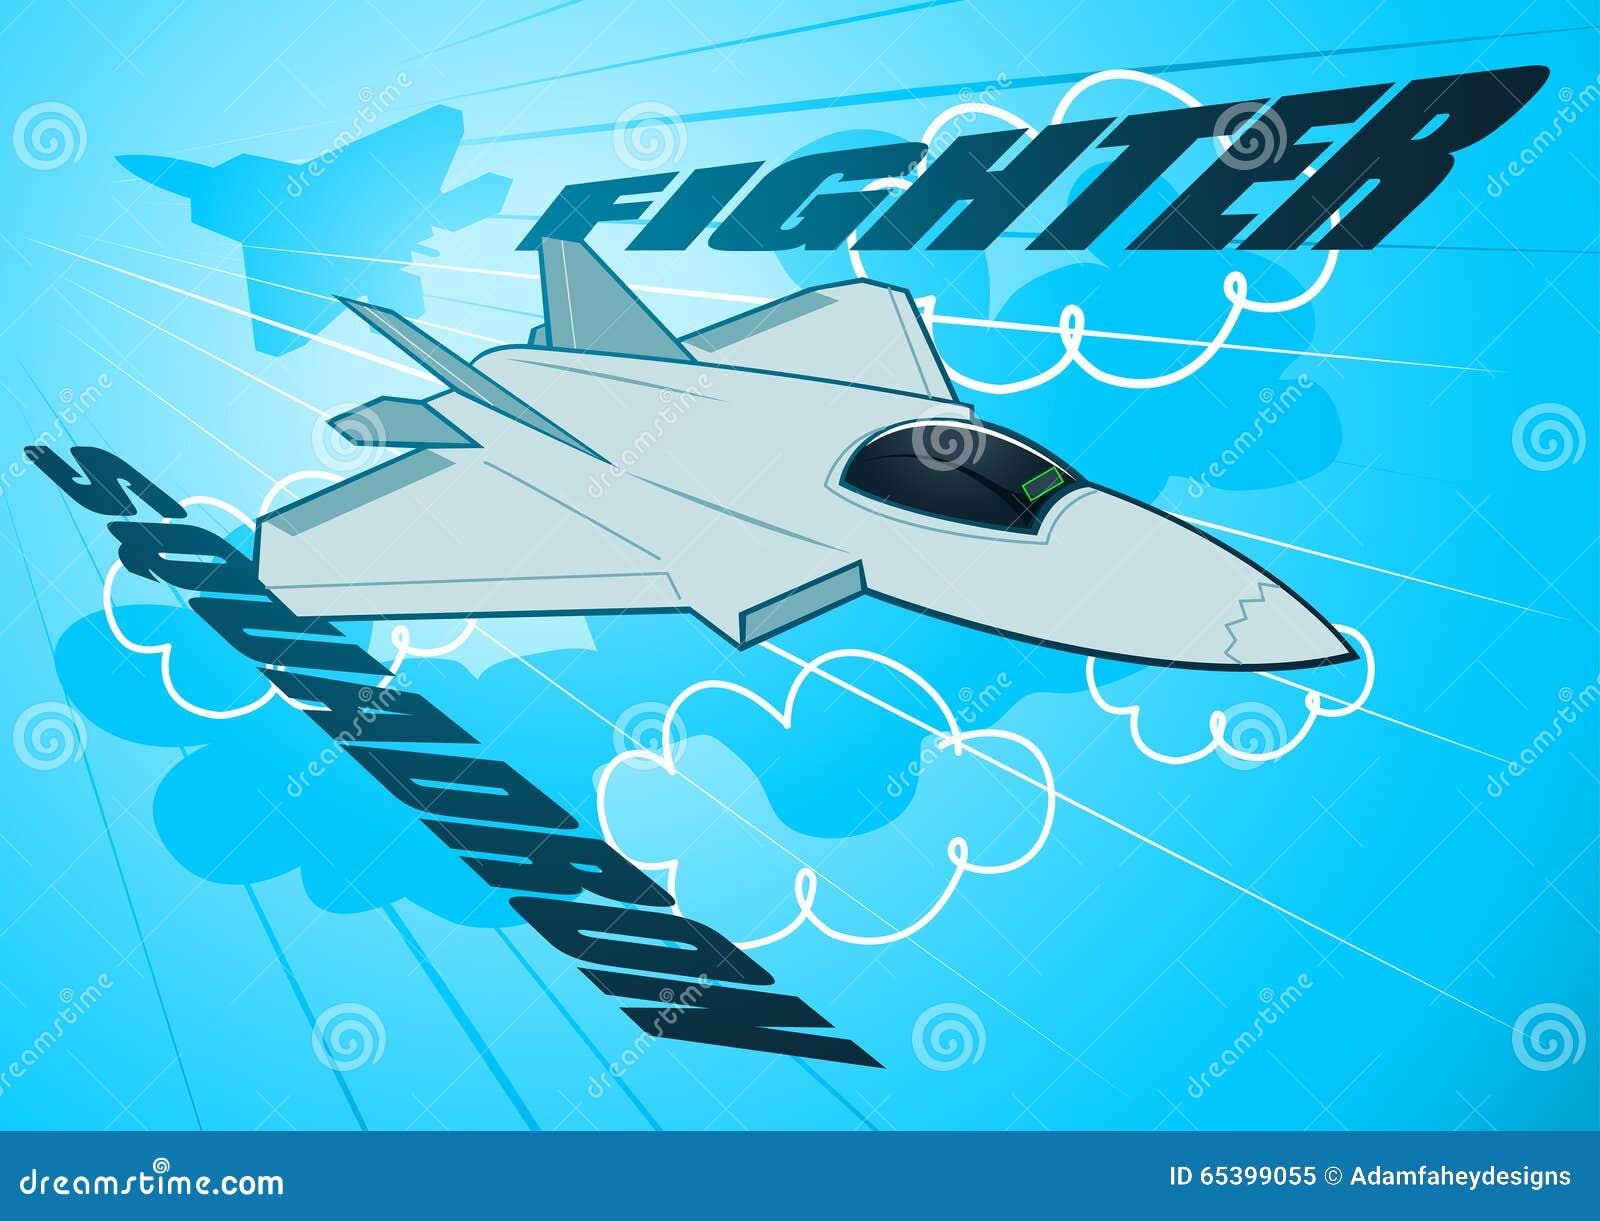 空军在天空的喷气式歼击机分谴舰队.图片